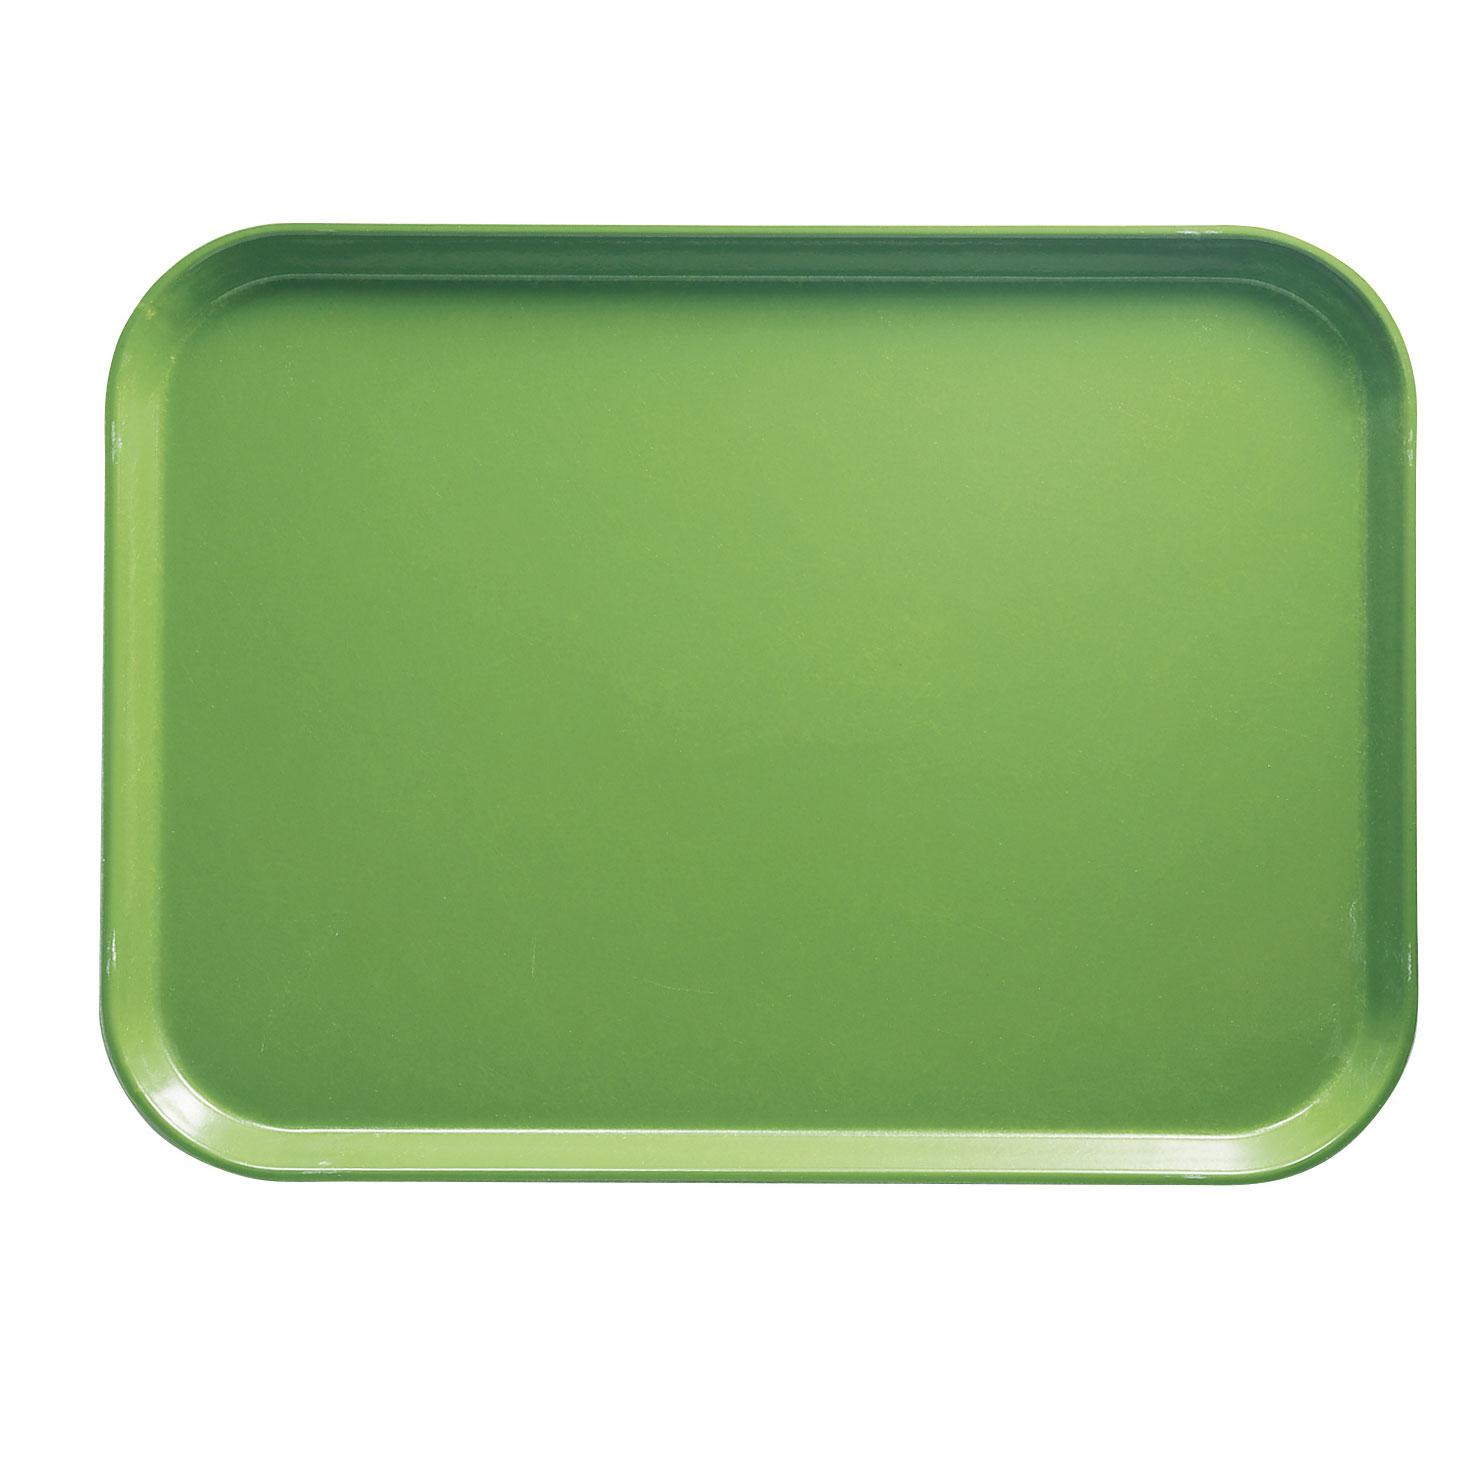 Cambro 1622113 cafeteria tray